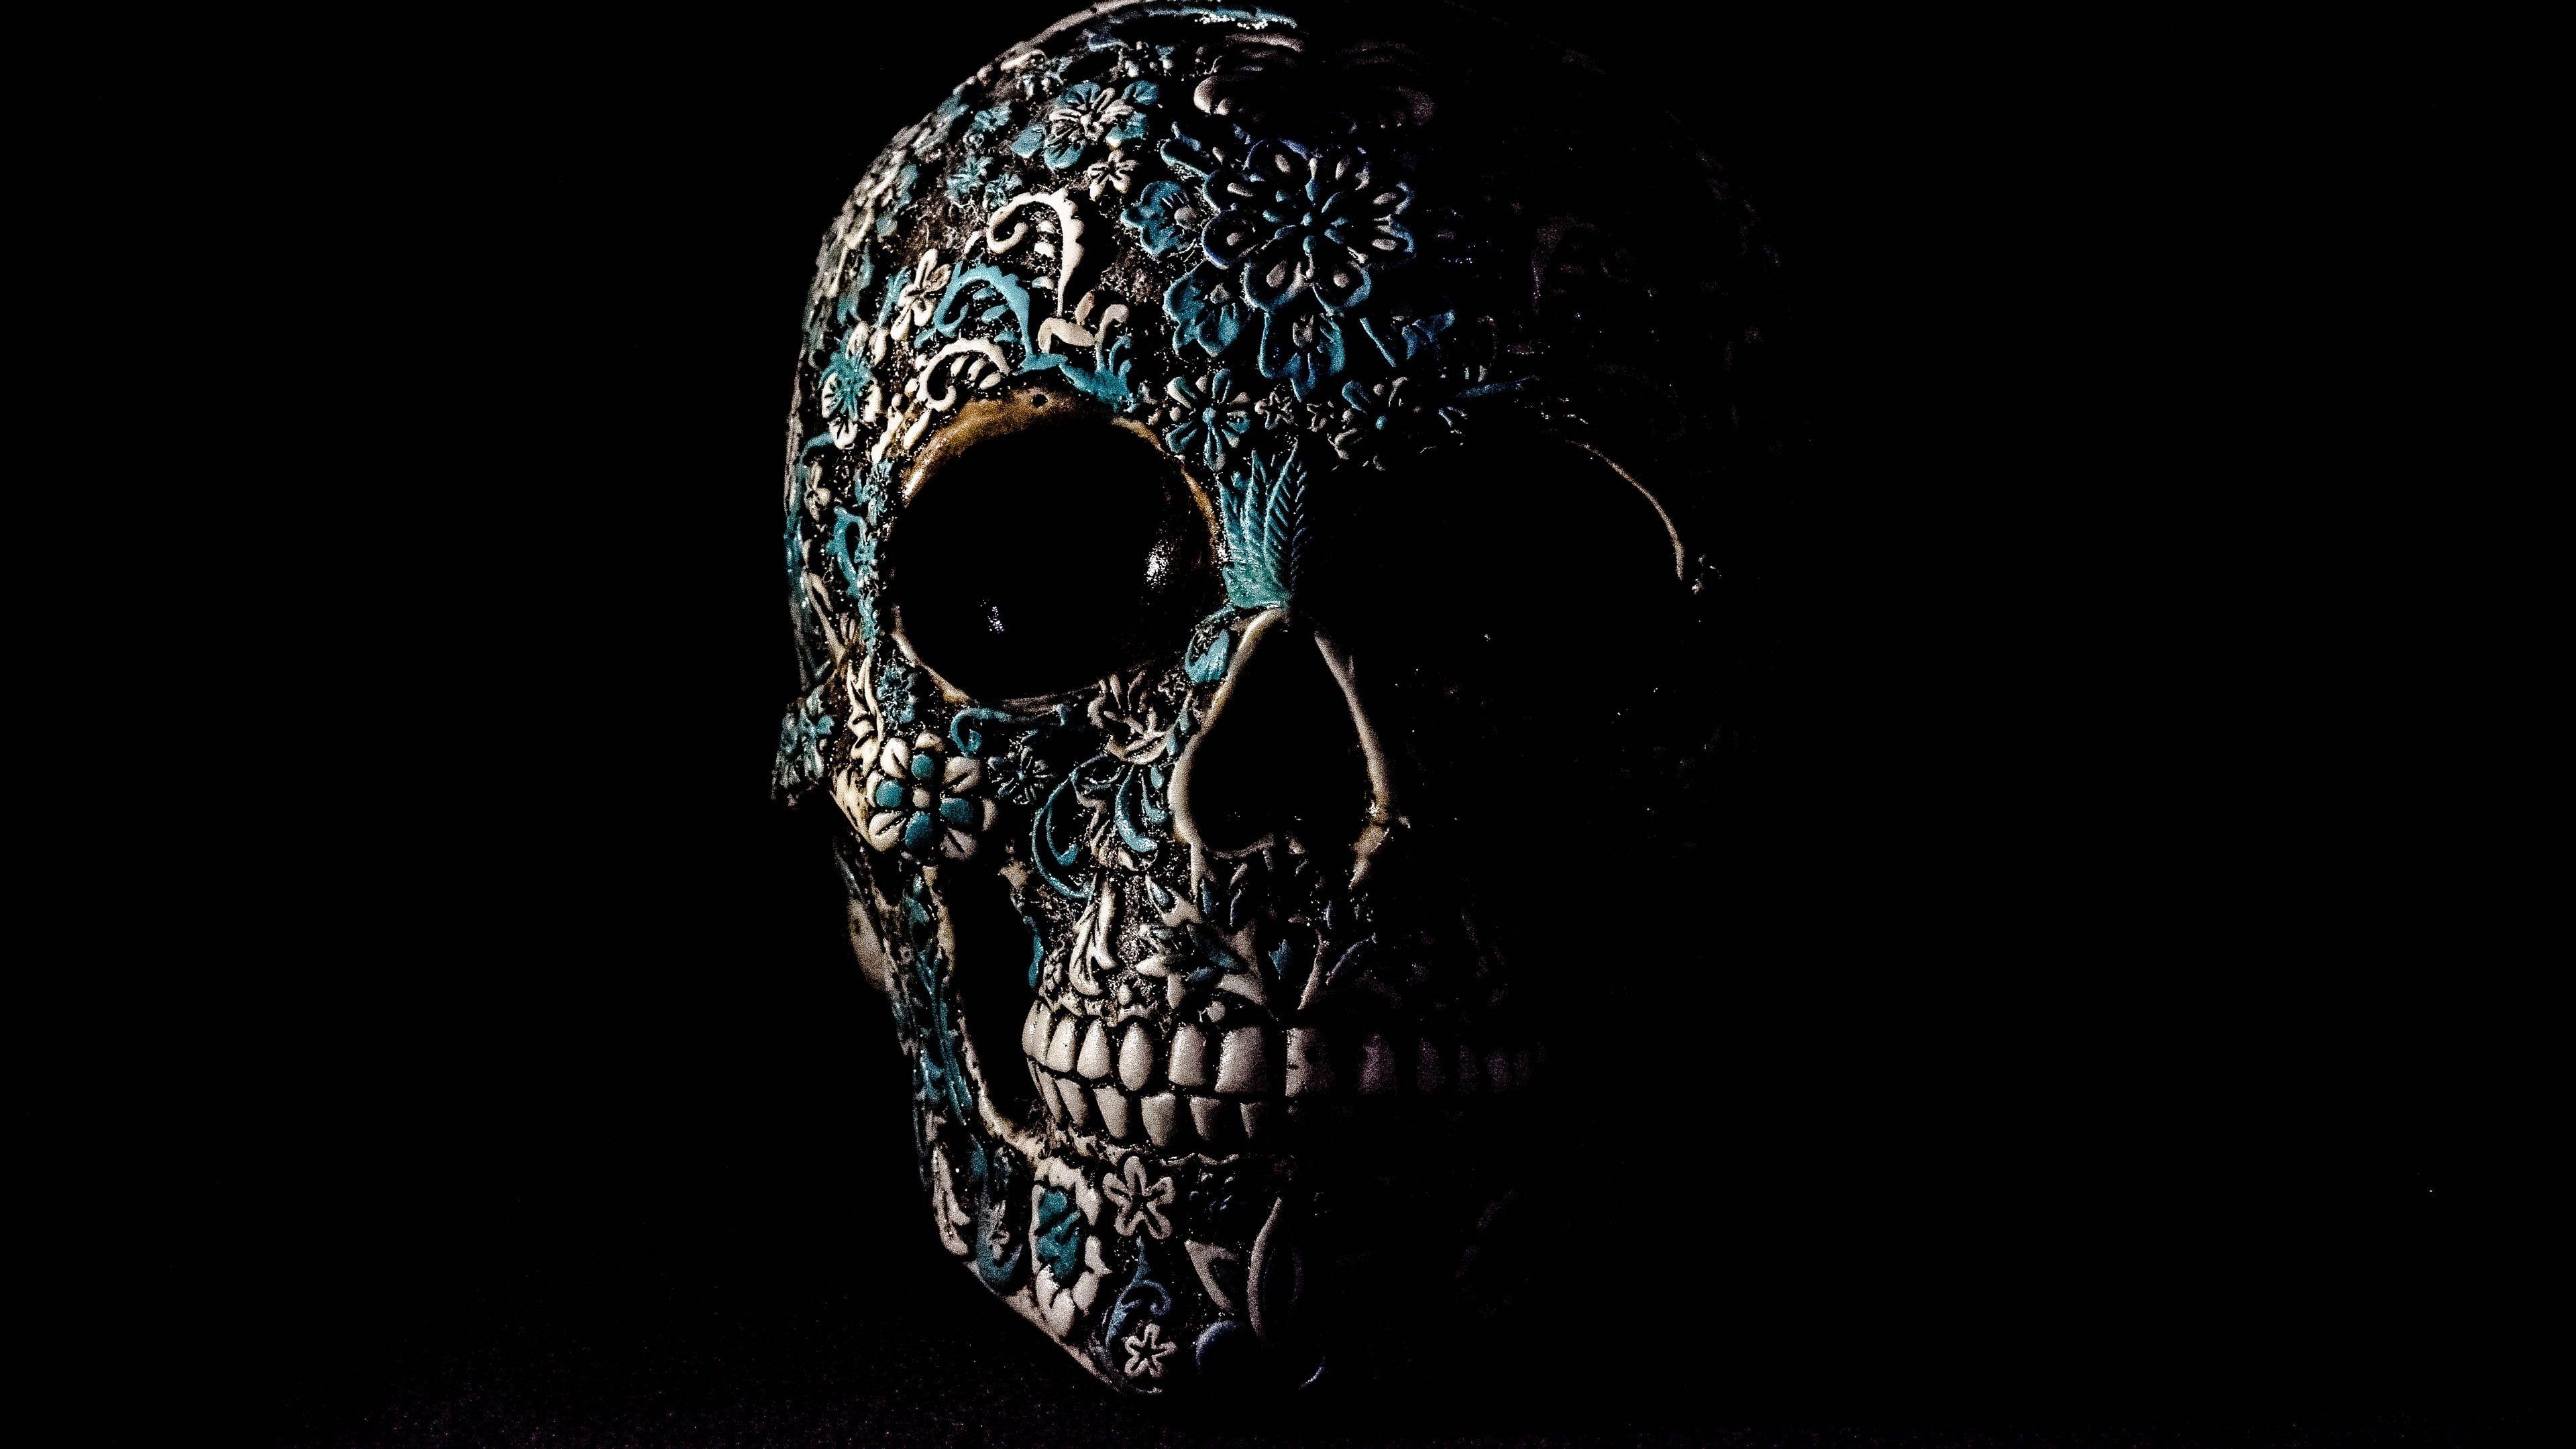 Creepy Scary Skull Bone Pattern Dark Mexican Human Skull Sugar Skull 4k Wallpaper Hdwallpaper Desktop Skull Wallpaper Skull Wallpaper